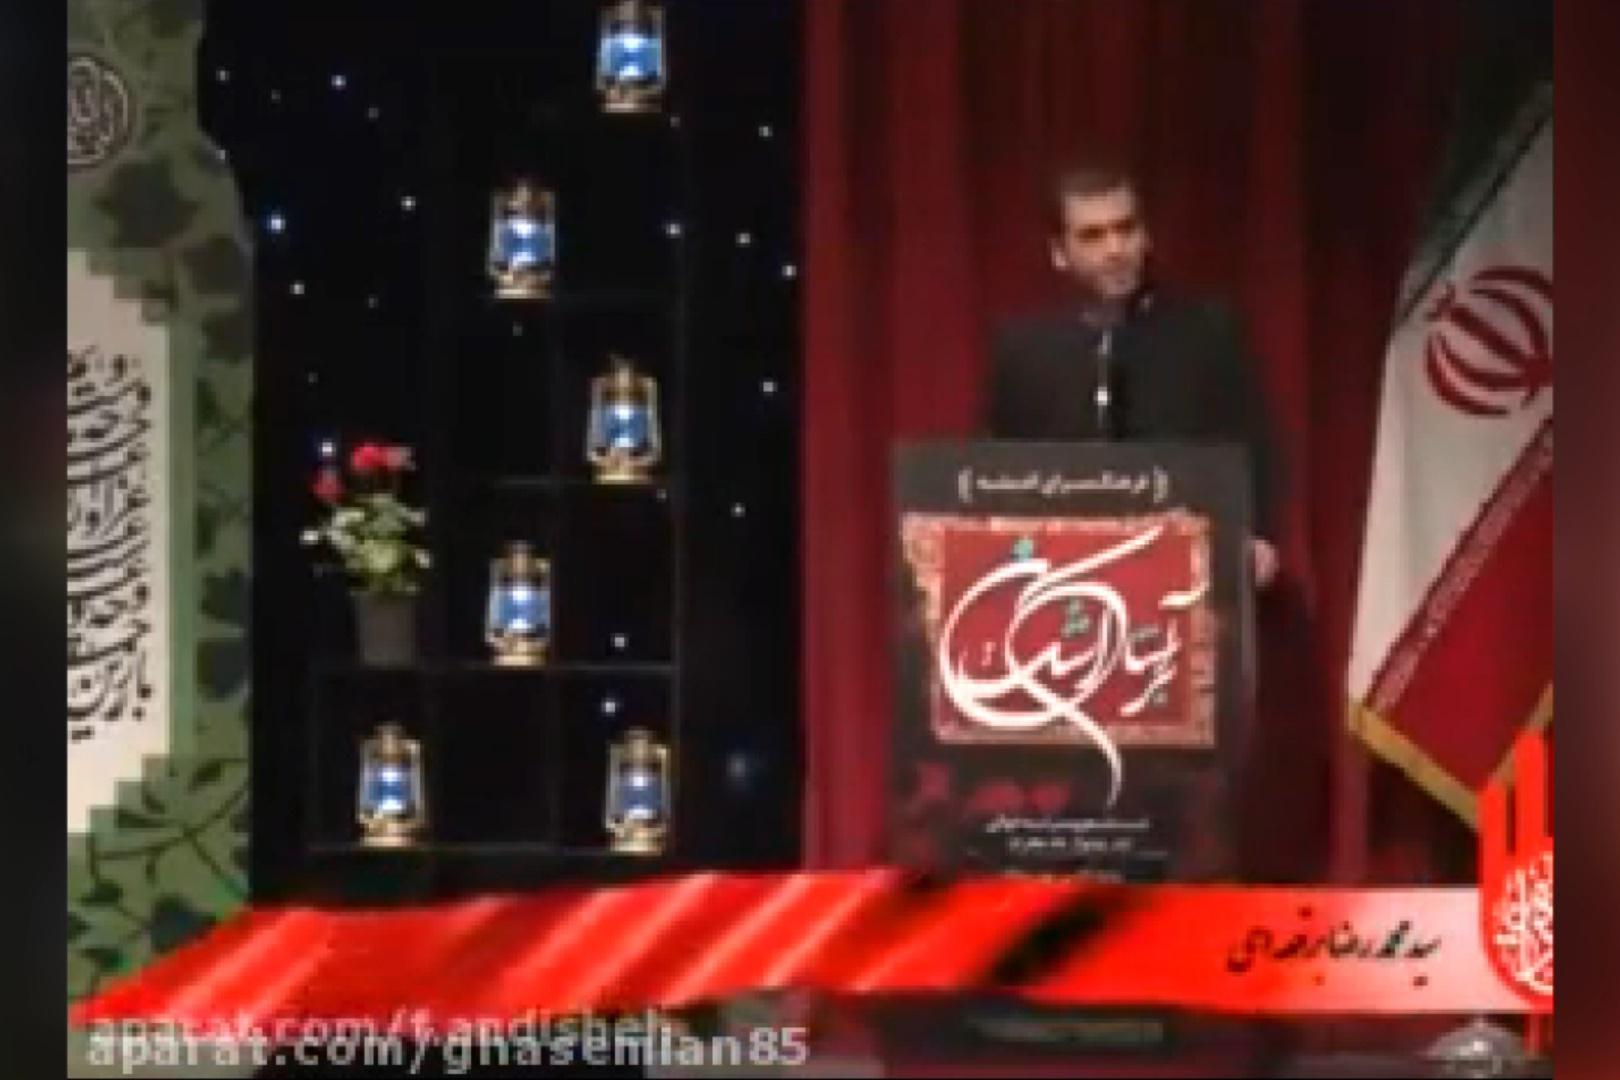 فیلم | قصیدهای که کاربران شبکههای اجتماعی به یاد شهید حججی منتشر کردند